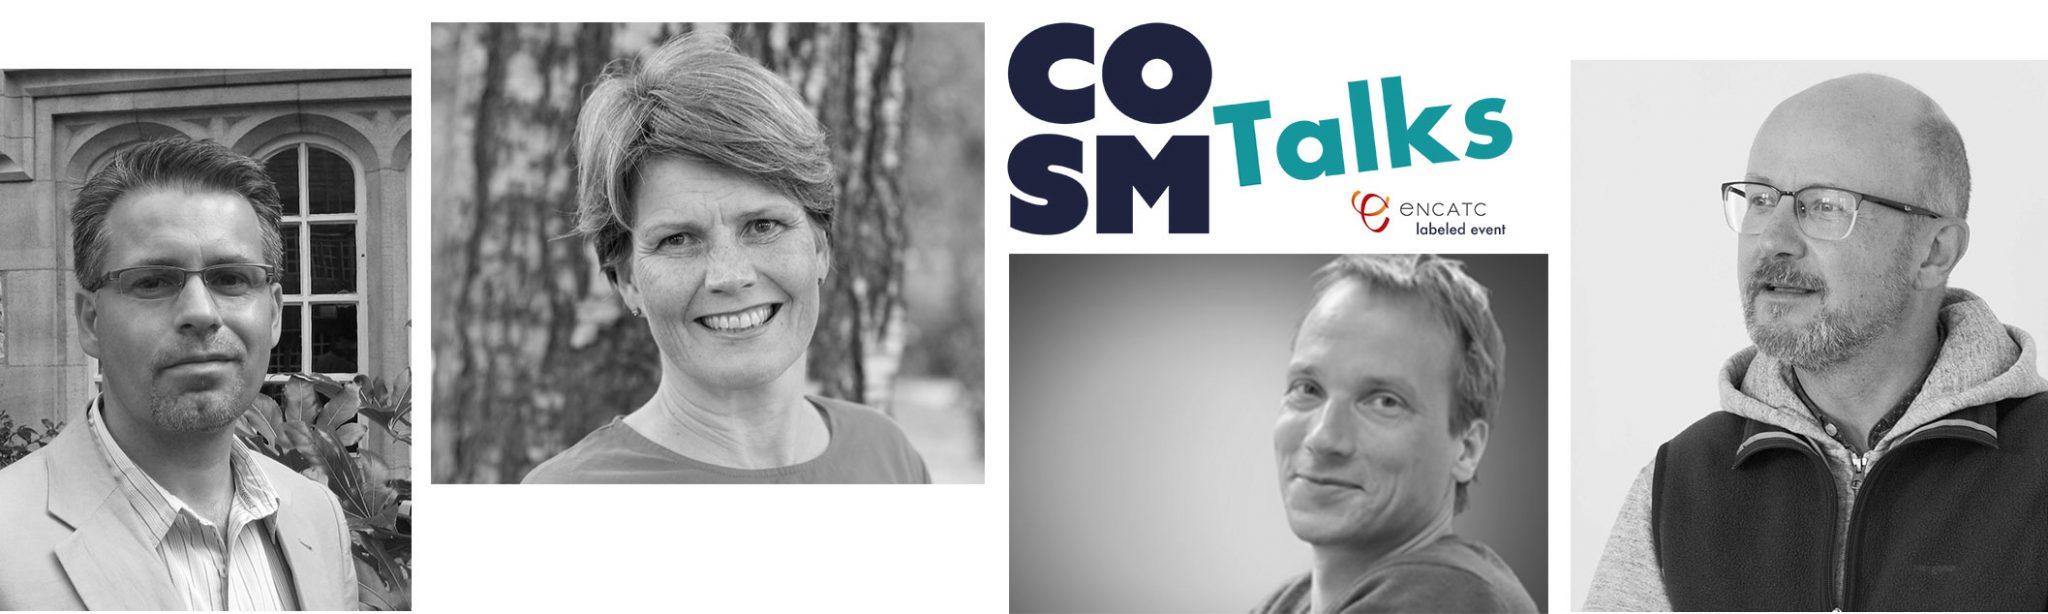 COSM Talks banneri jossa COSM logo ja neljä hymyilevää ihmistä.